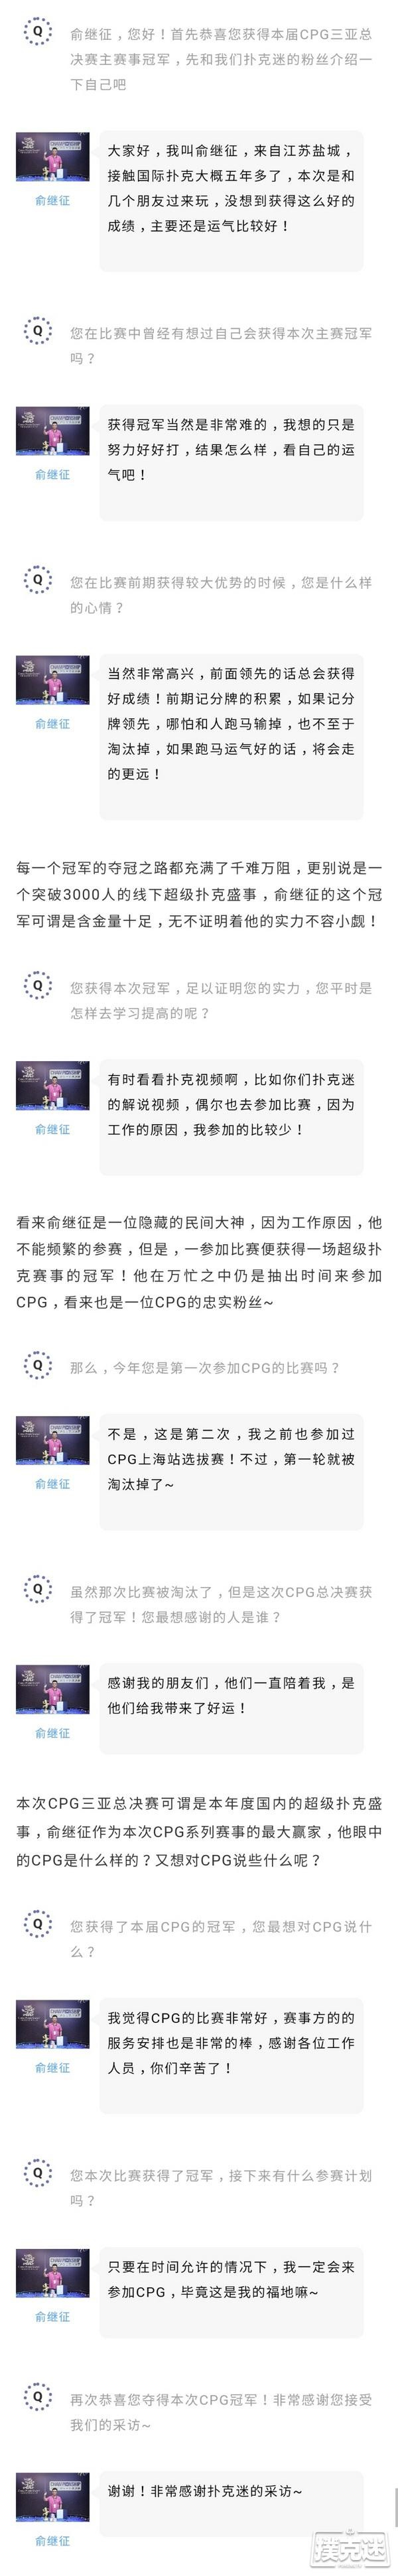 【蜗牛扑克】2020CPG®三亚总决赛|马小妹儿专访主赛冠军俞继征!